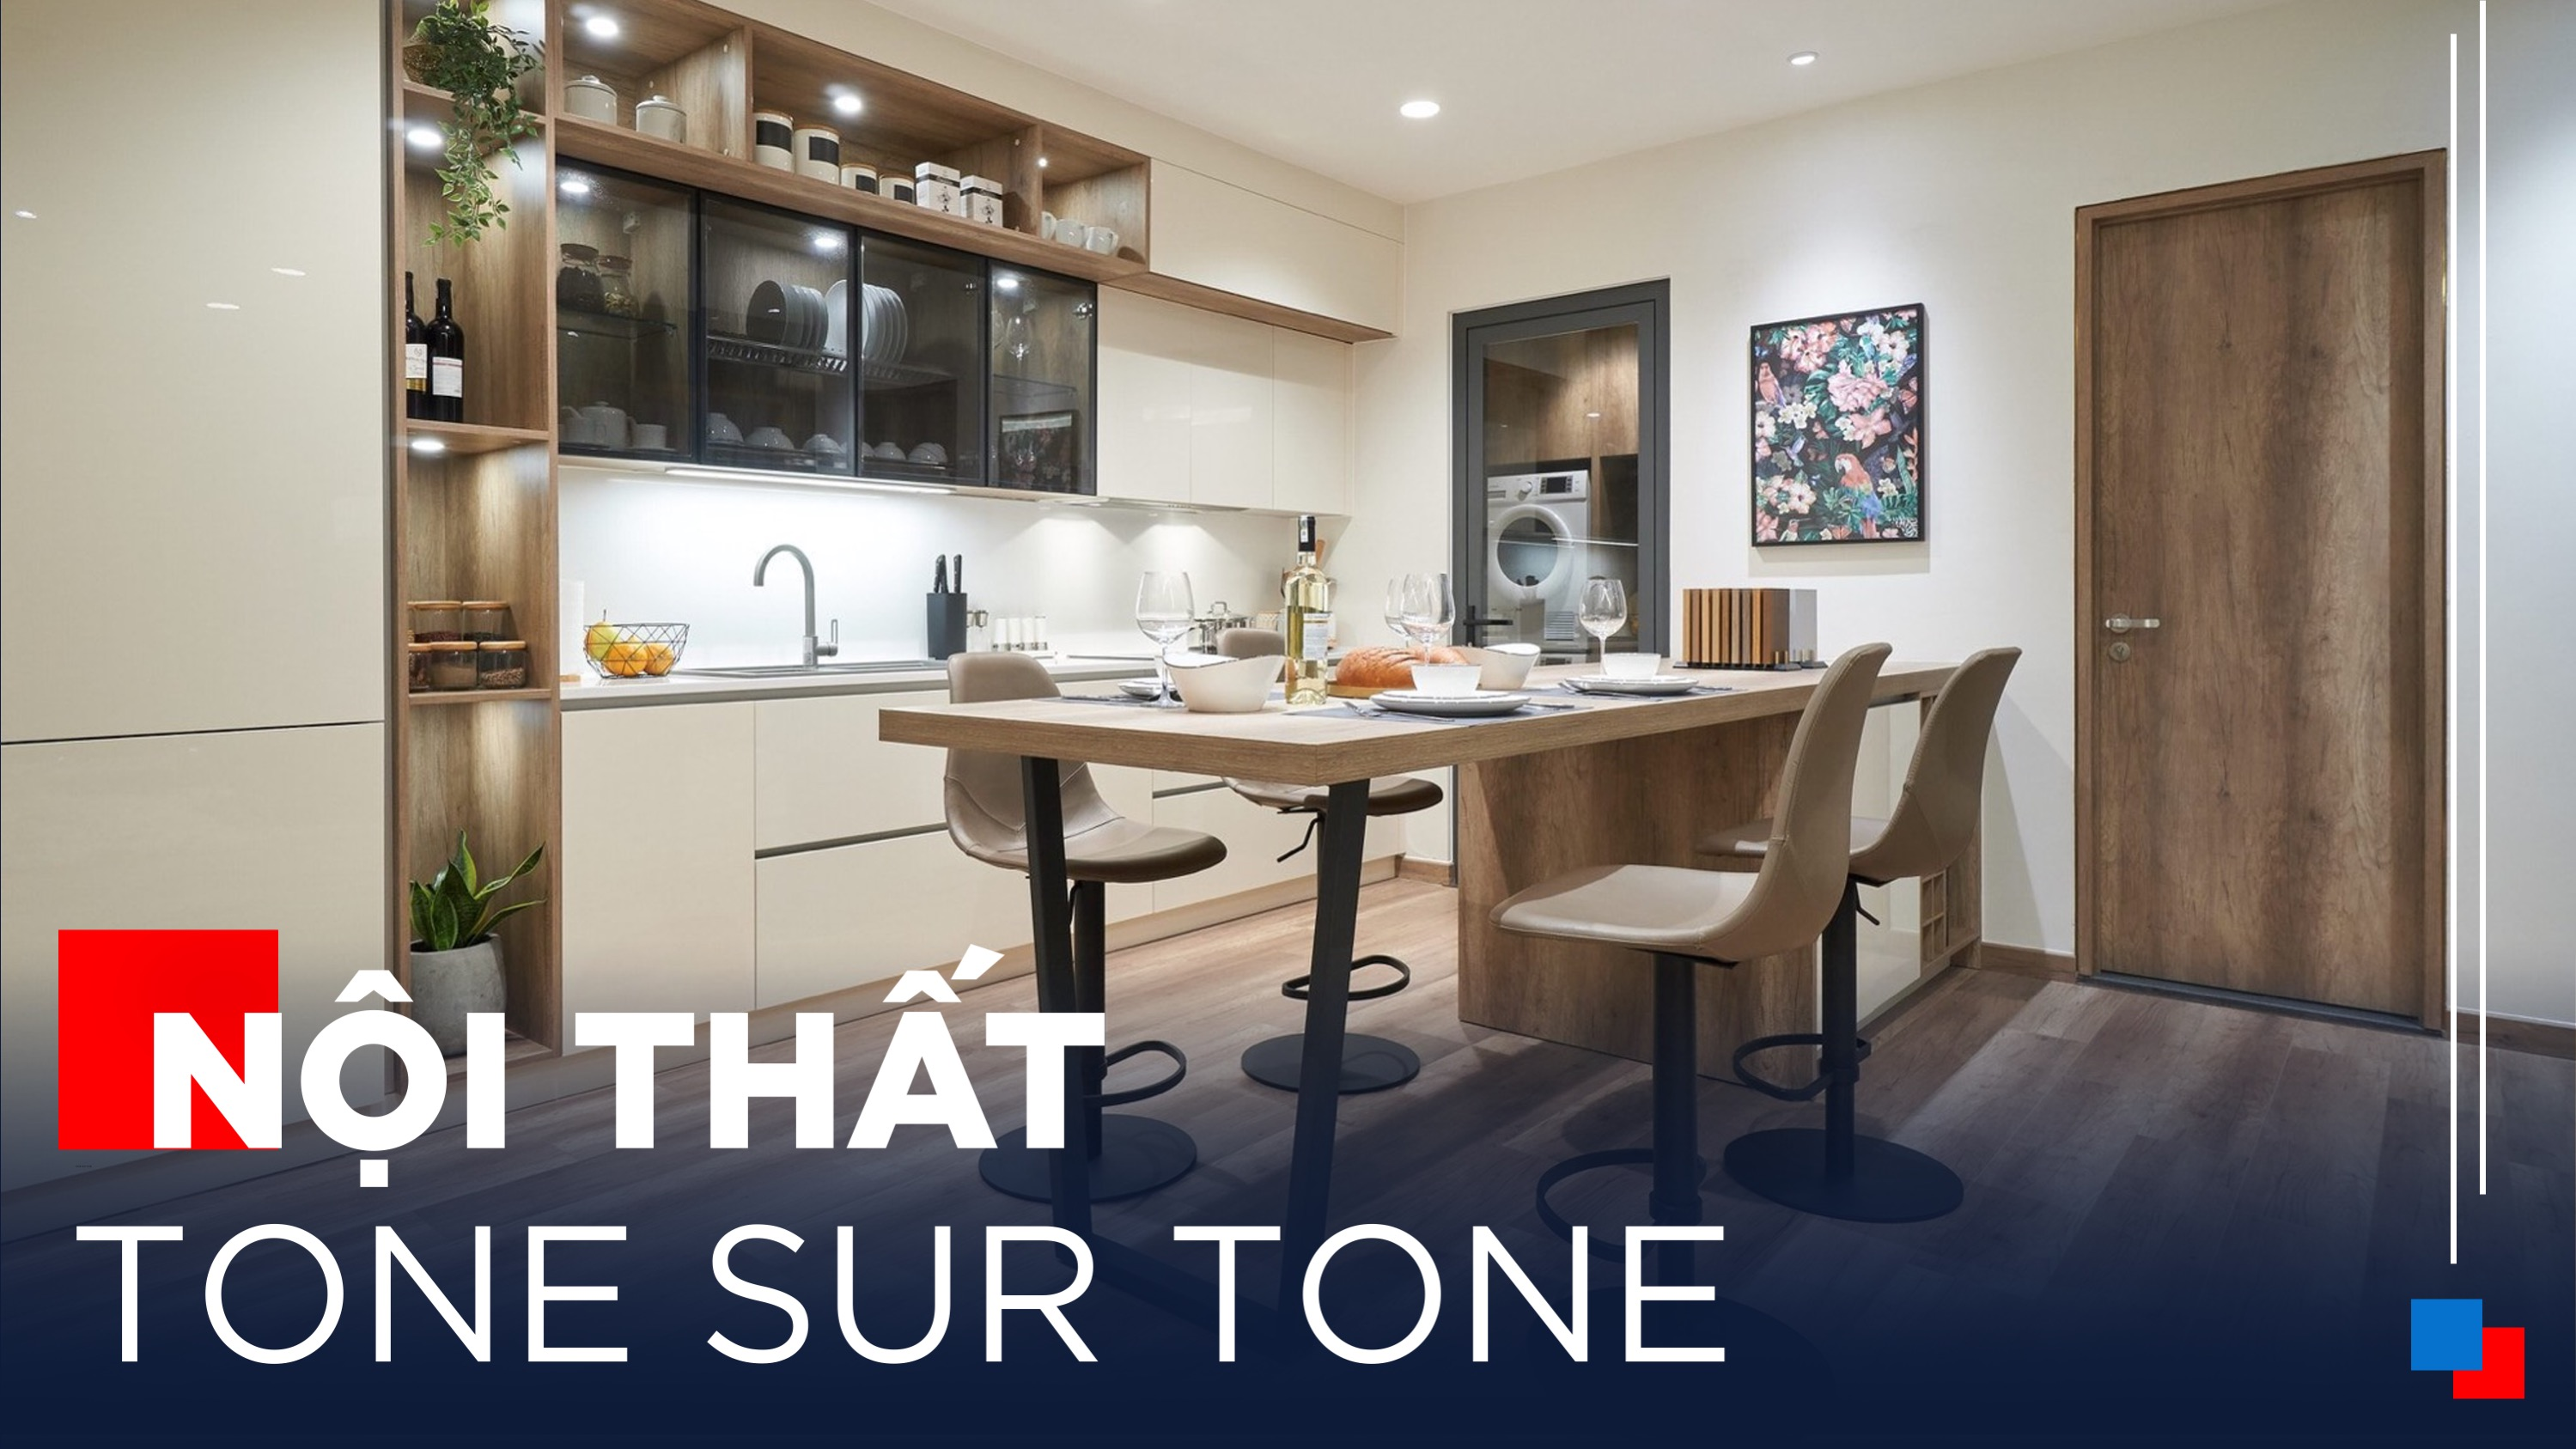 Gỗ An Cường | Giải Pháp Nội Thất Tone - Sur - Tone